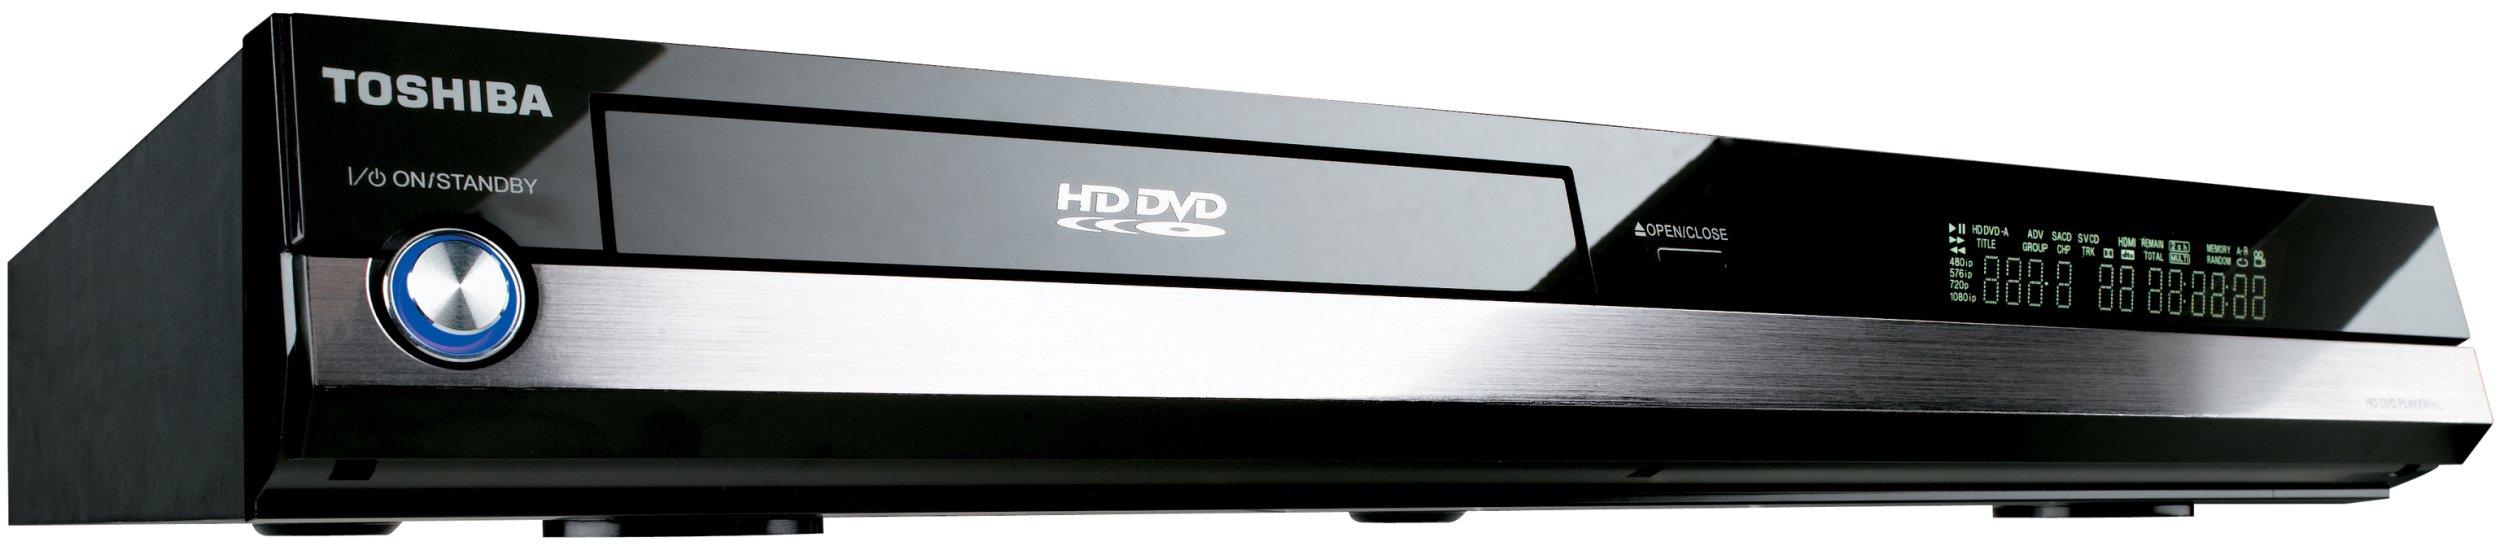 Toshiba HD-A2 HD DVD Player